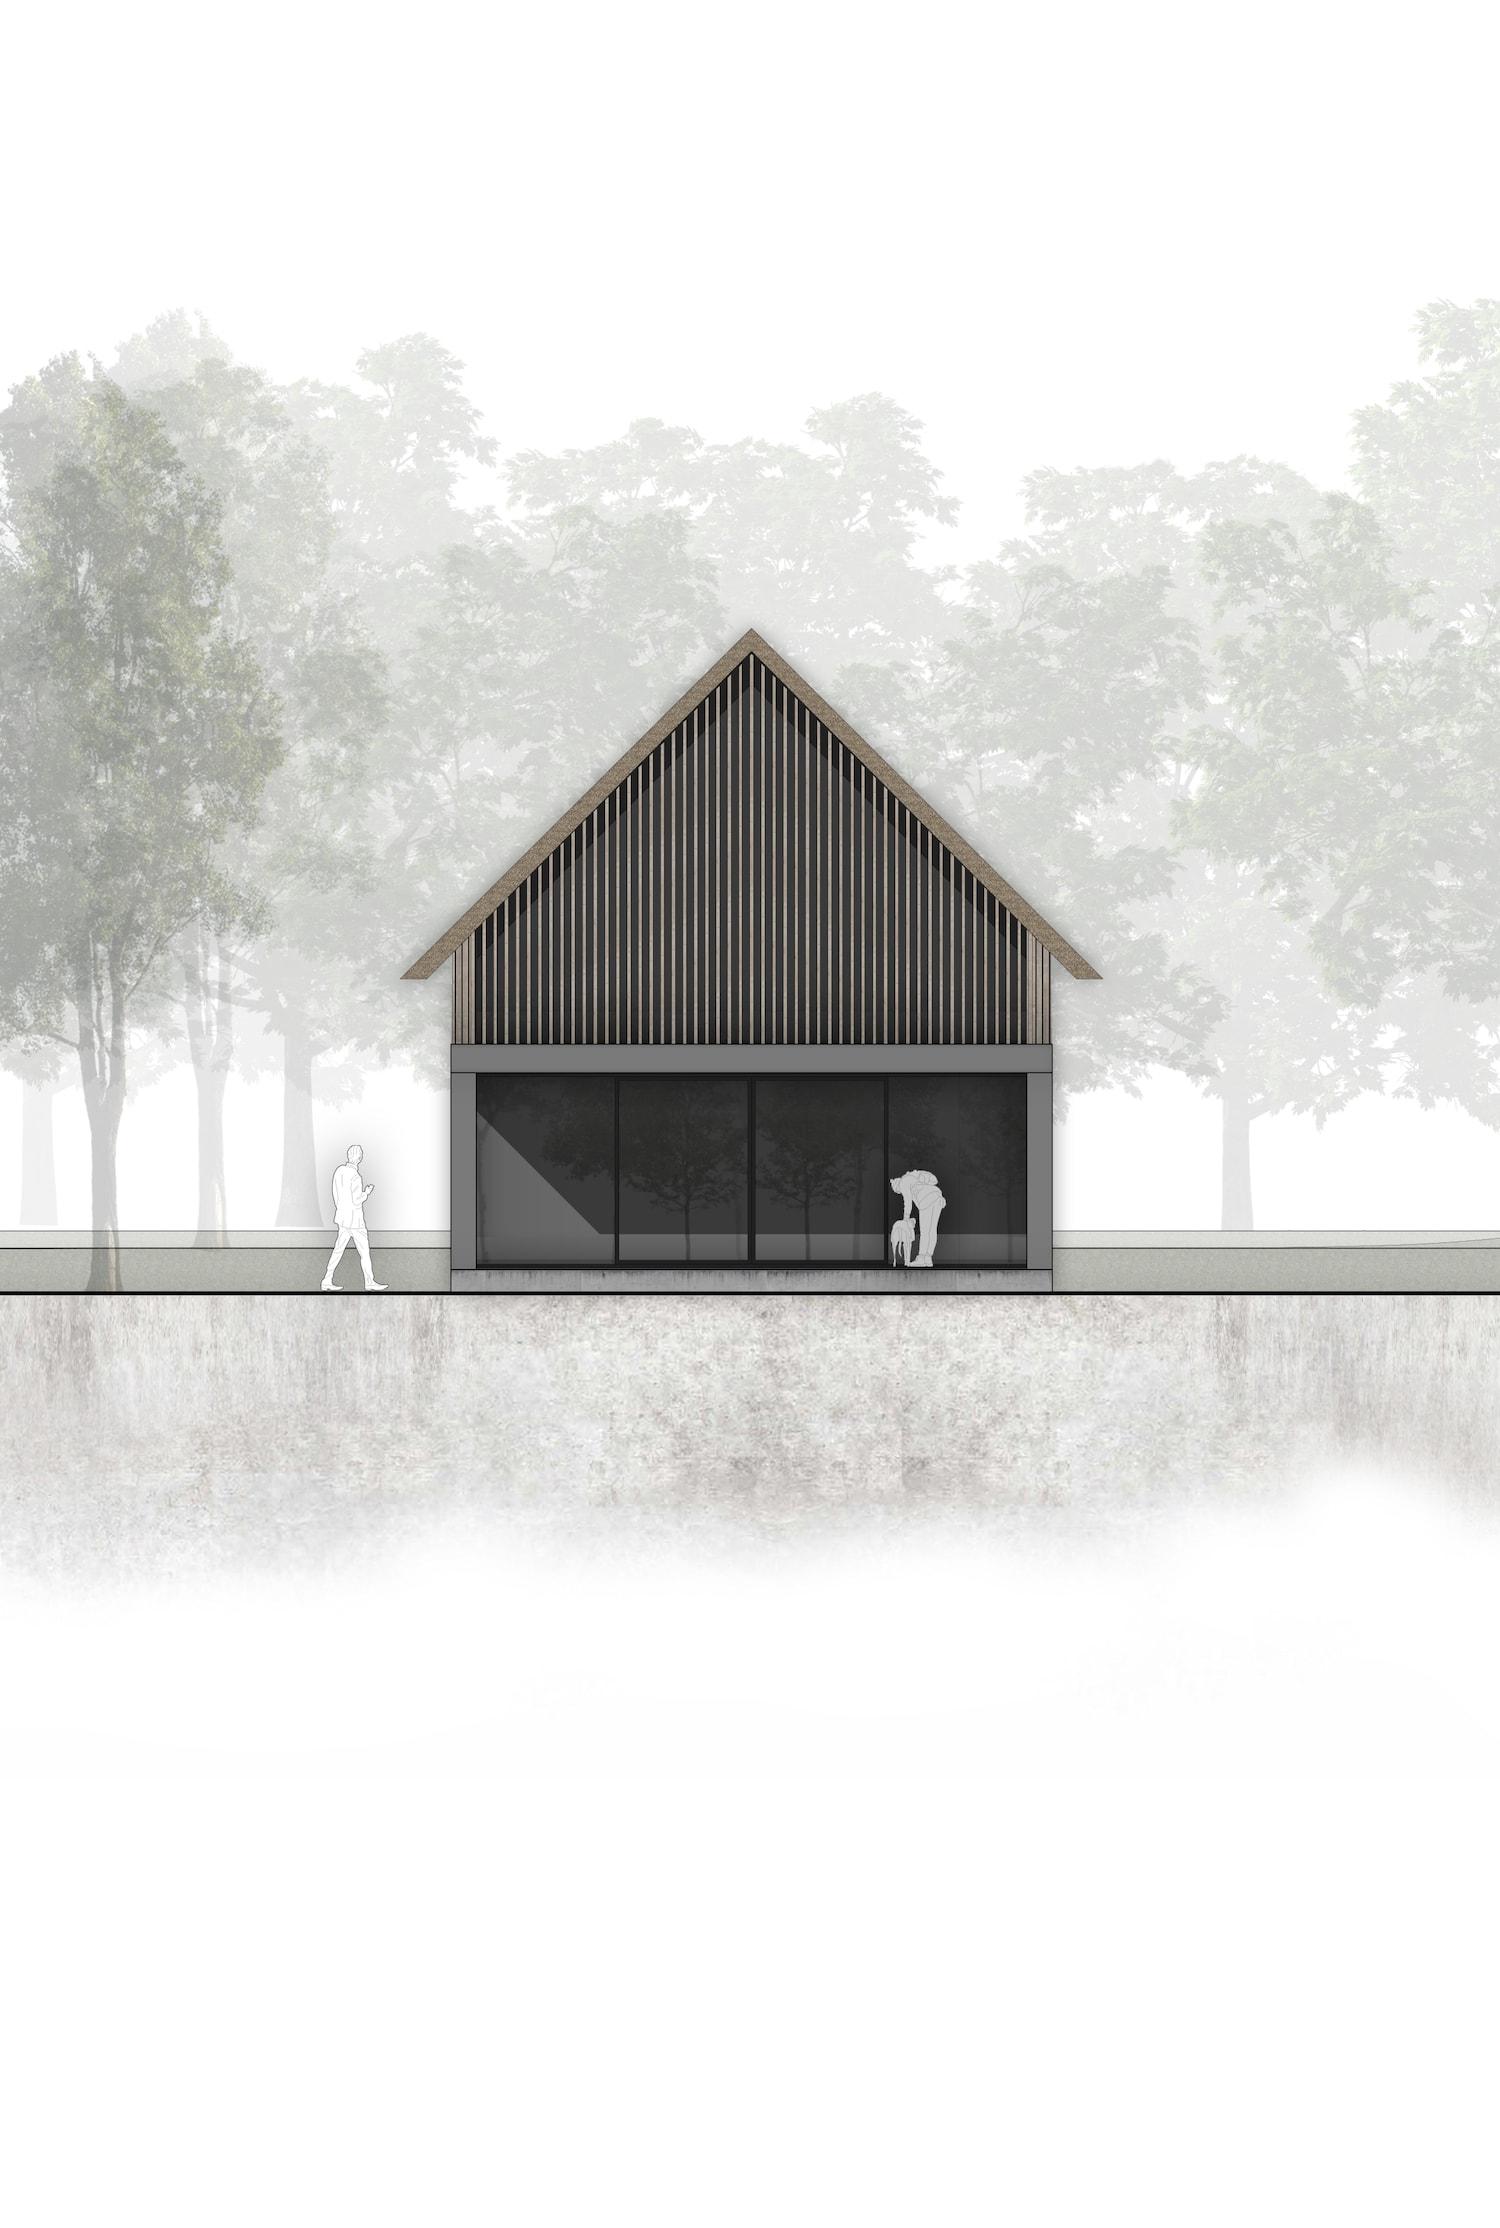 van-os-architecten-breda-ontwerp-moderne-schuurwoning-oosteind-in-rieten-dakbedekking-en-padoek-gevelbekleding-met-aluminium-puien-kopgevel-in-houten-lamellen